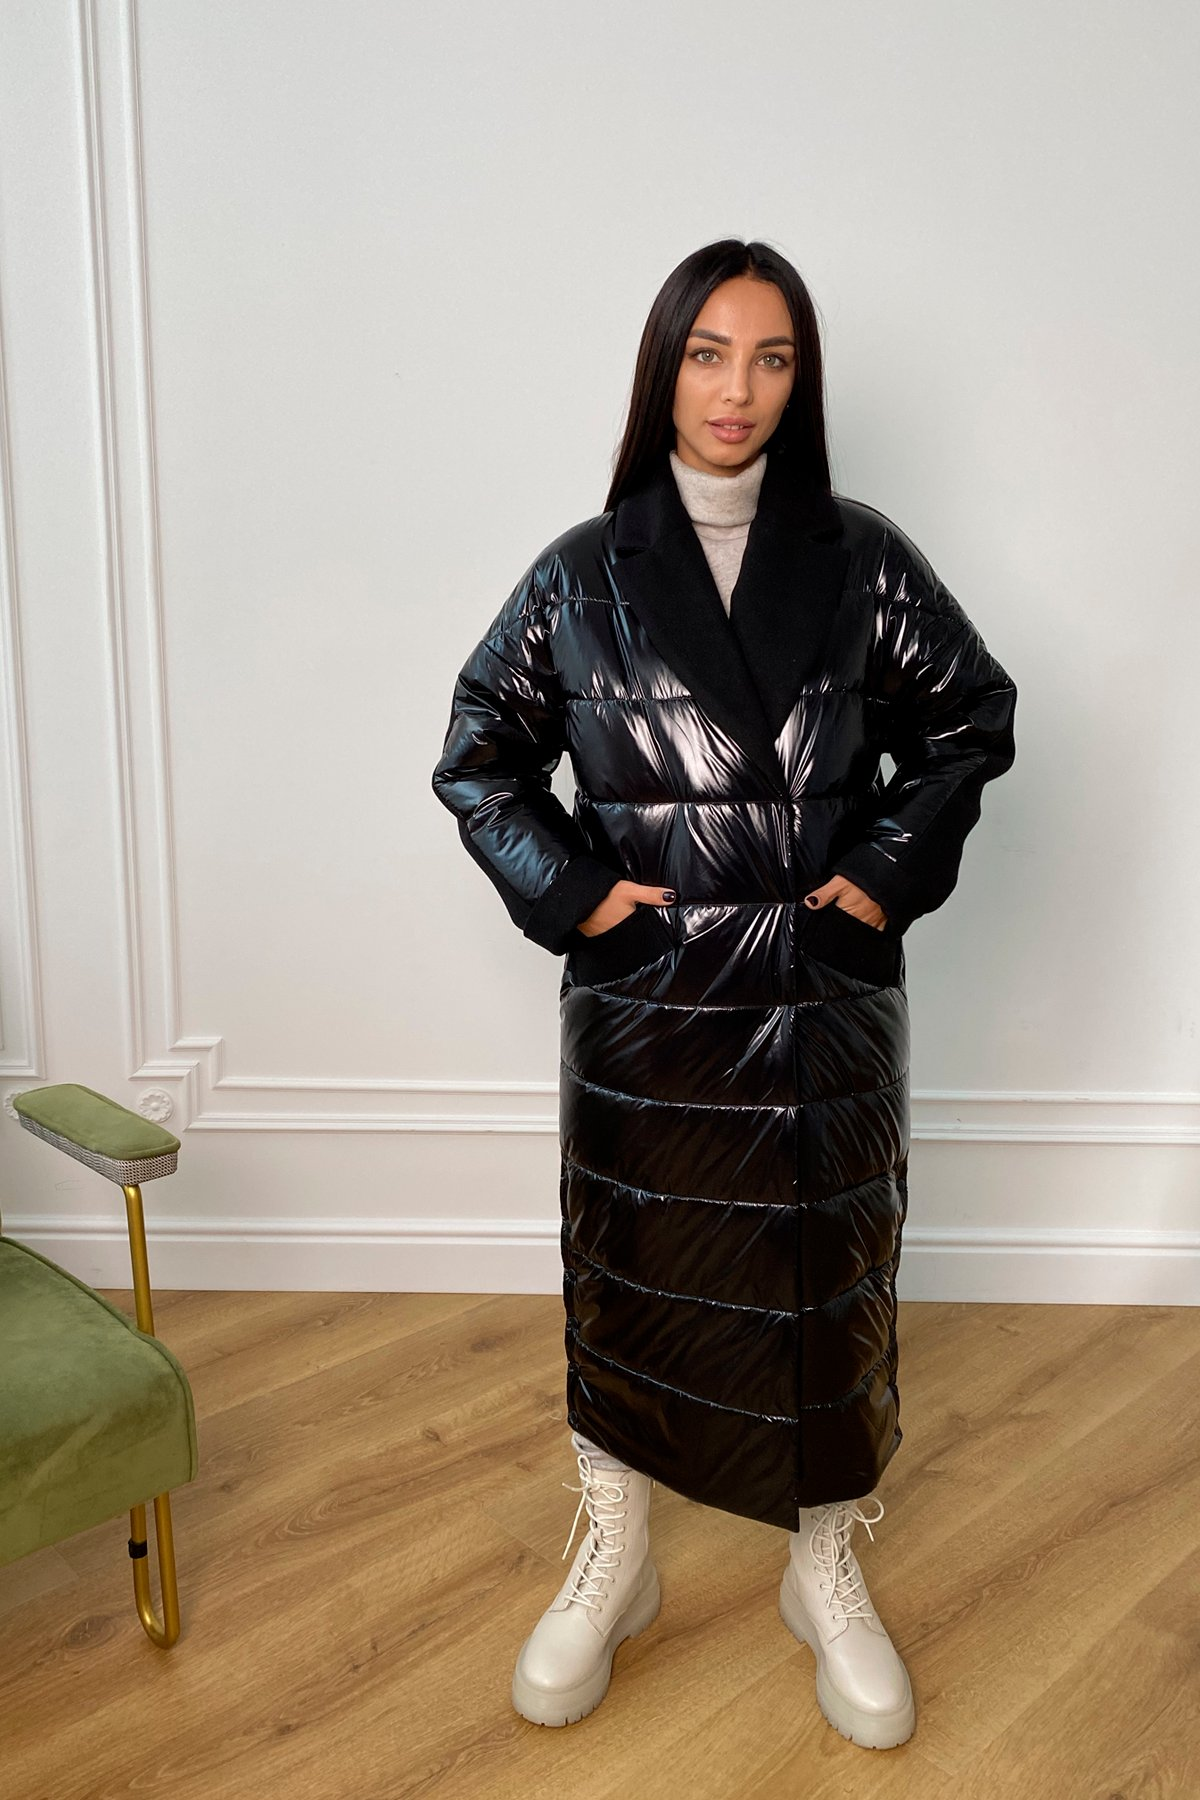 Санре утепленное пальто из комбинации плащевой и пальтовой ткани 9940 АРТ. 46234 Цвет: Черный - фото 1, интернет магазин tm-modus.ru